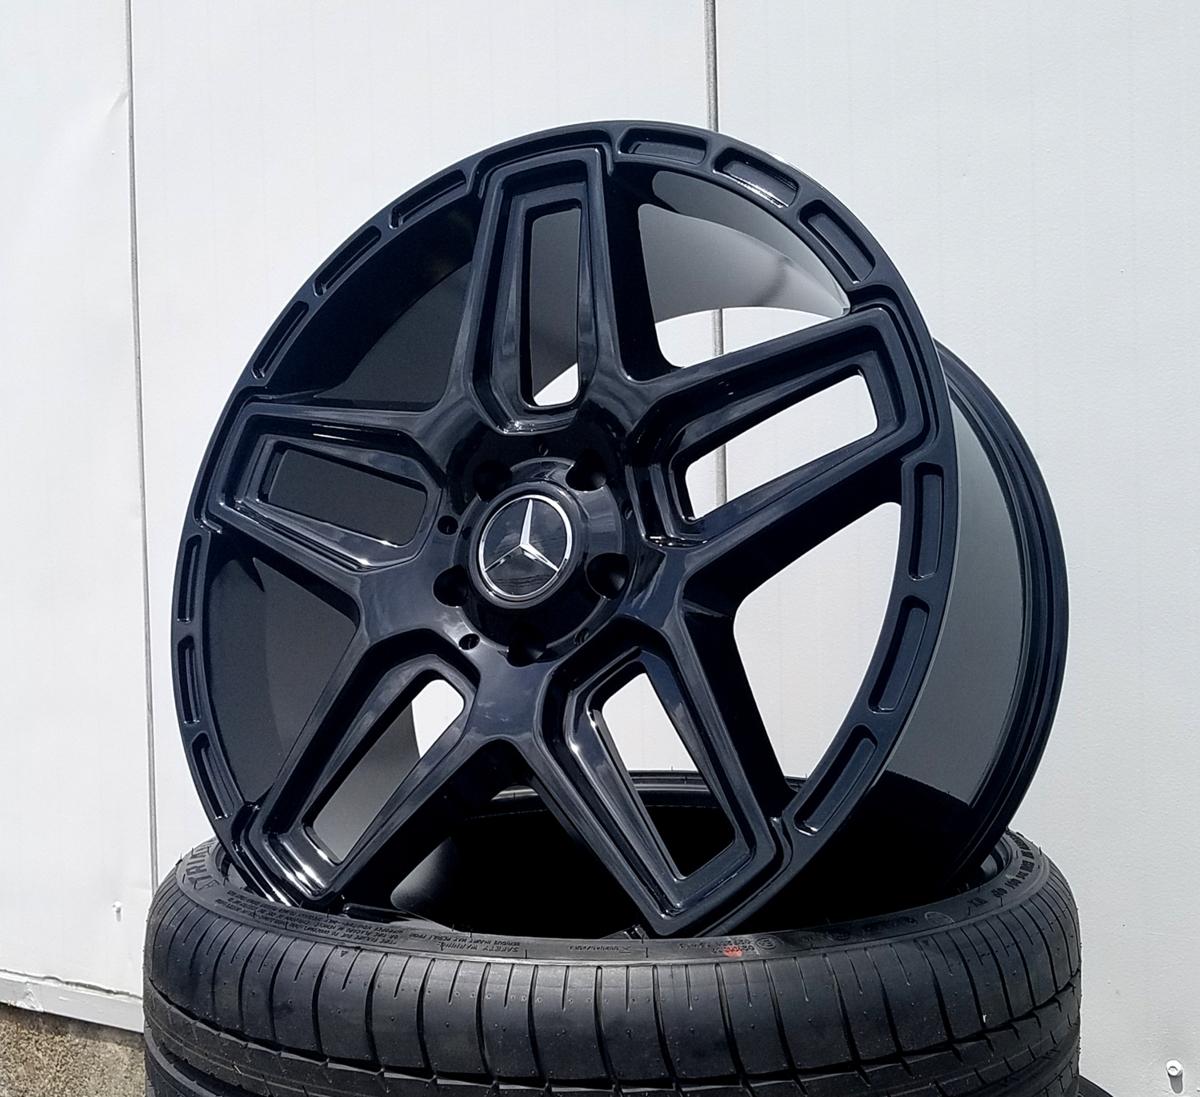 国産タイヤset LEXXEL Anthem メルセデス ベンツ Gクラス ゲレンデ G63 G65 G550 G500 G350 YOKOHAMA PARADA SPEC-X 285/45R22 22インチ_画像6